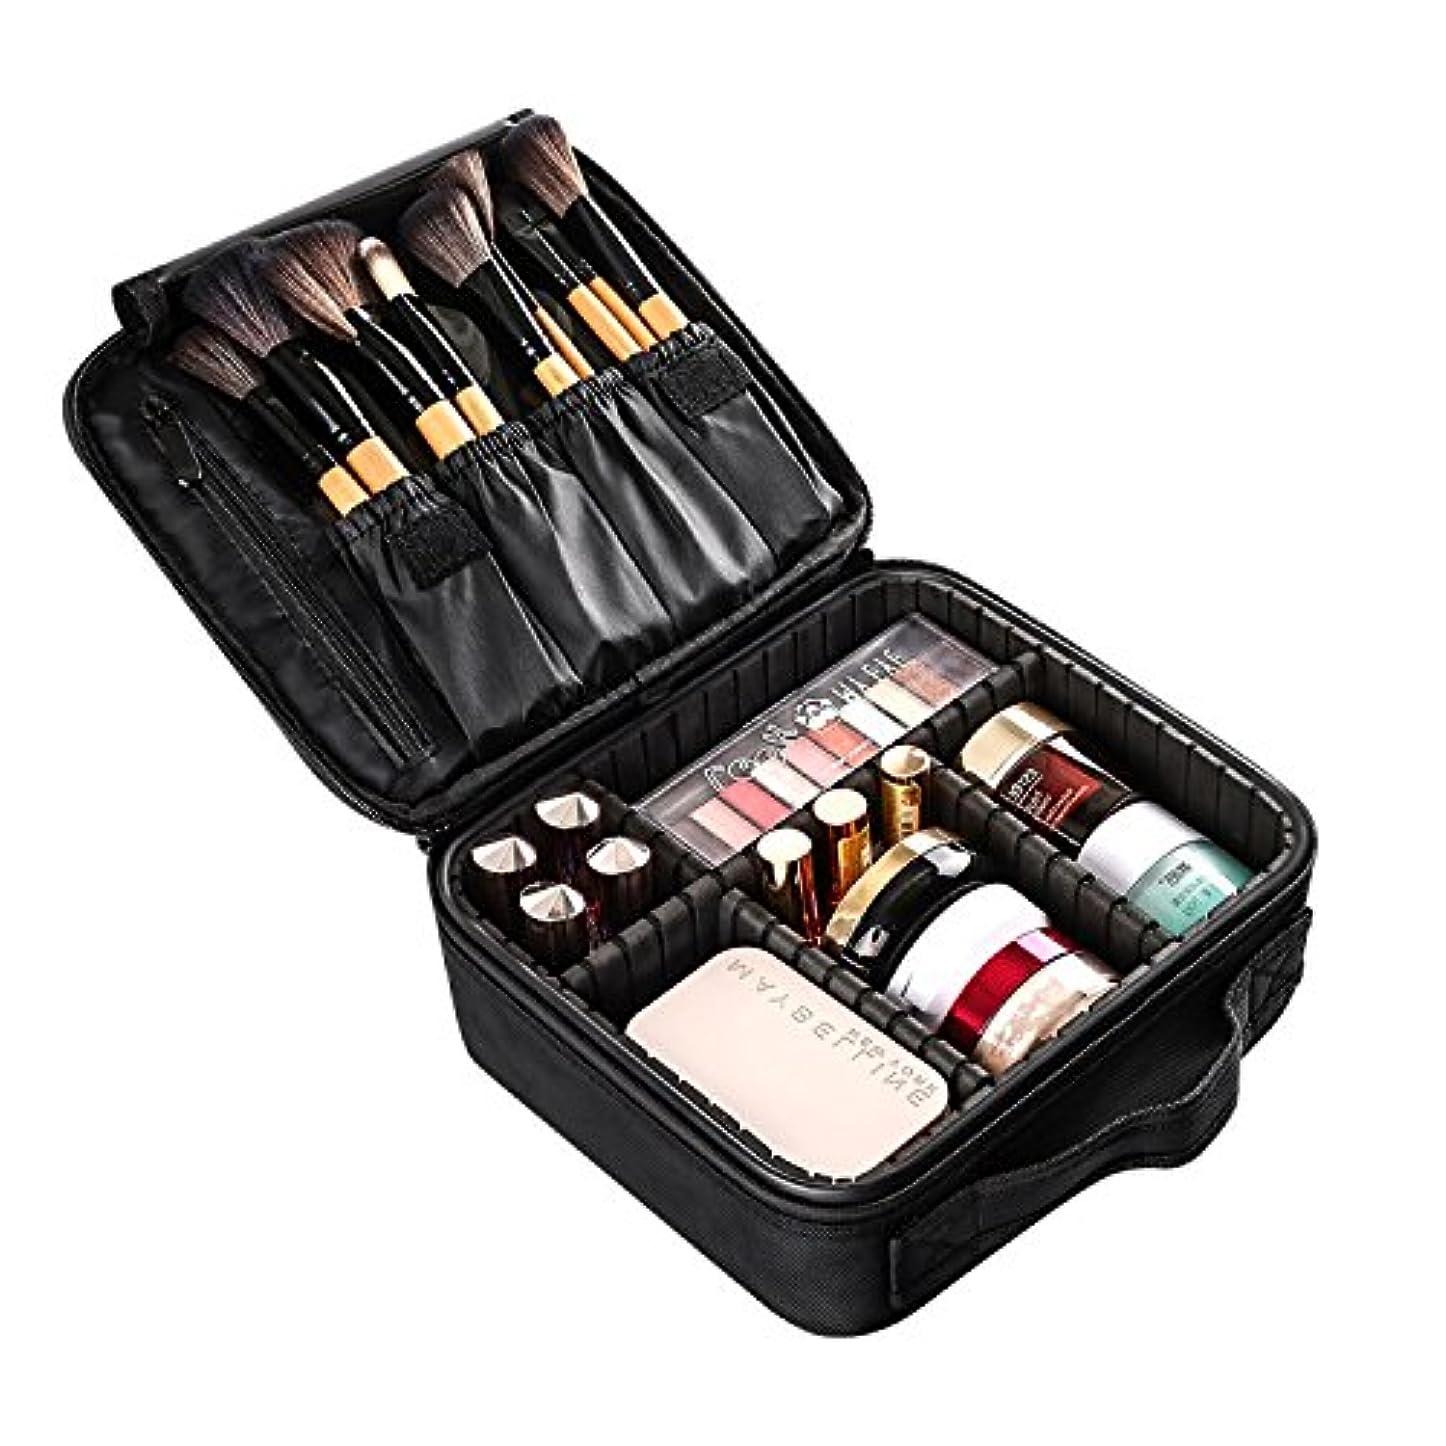 原子炉評価する忘れっぽいELOKI プロ用 メイクボックス 高品質 收納抜群 大容量 化粧バッグ 置き方が調整できる 旅行 家用に大活躍な化粧箱